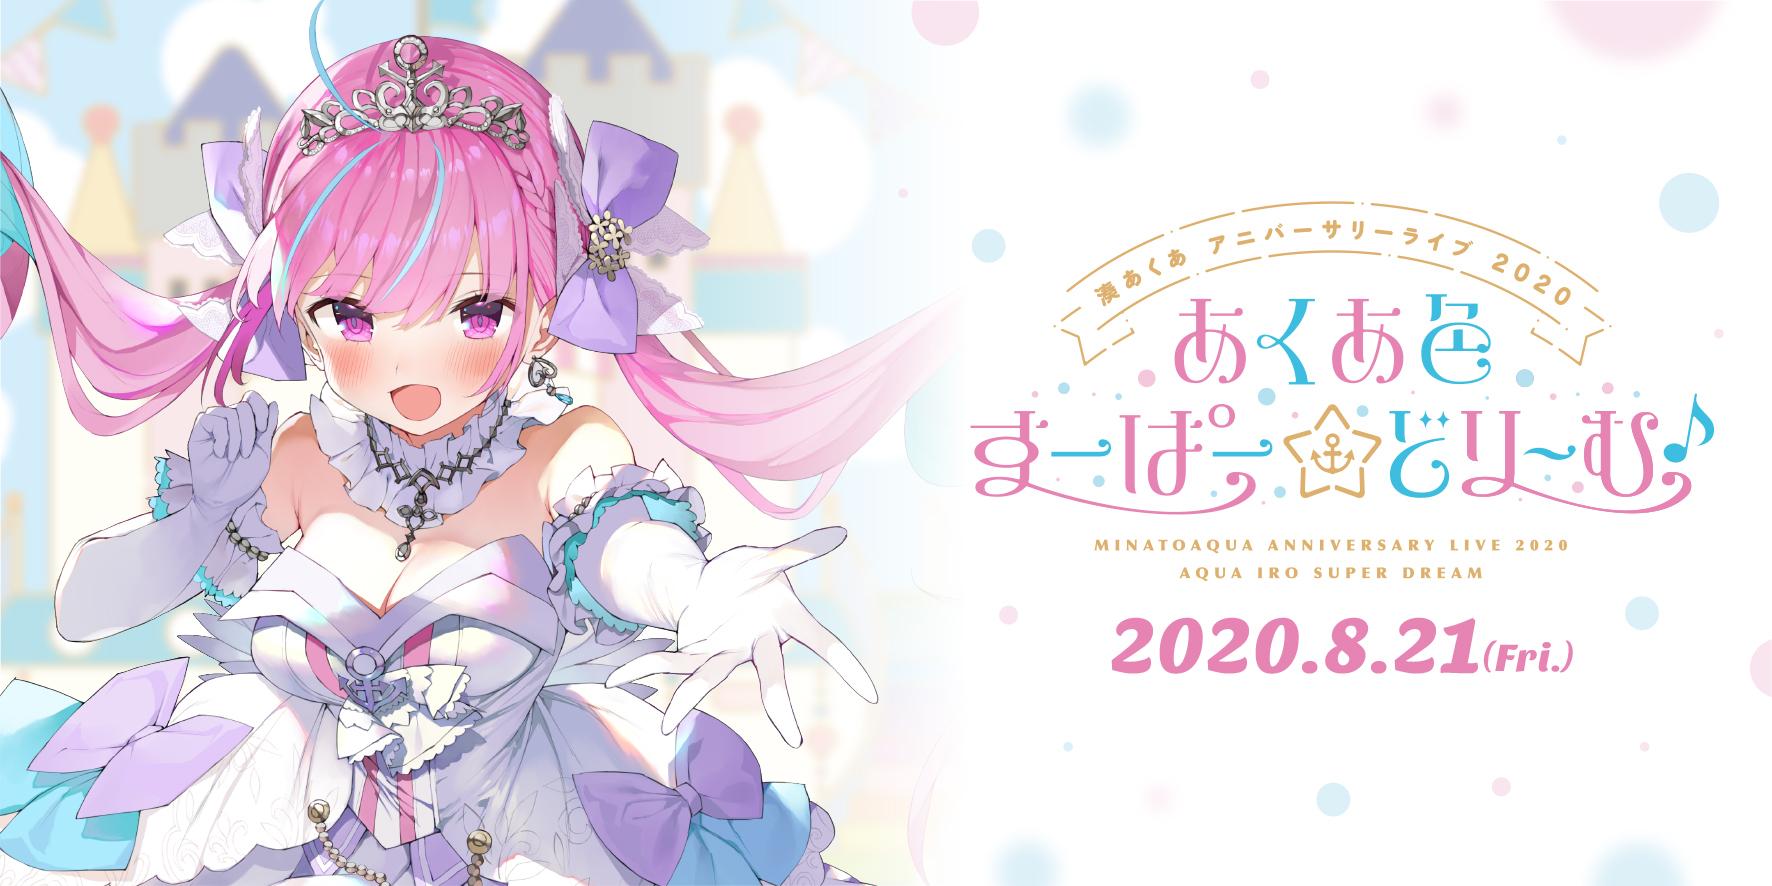 湊あくあ アニバーサリーライブ 2020 『あくあ色すーぱー☆どり~む♪』